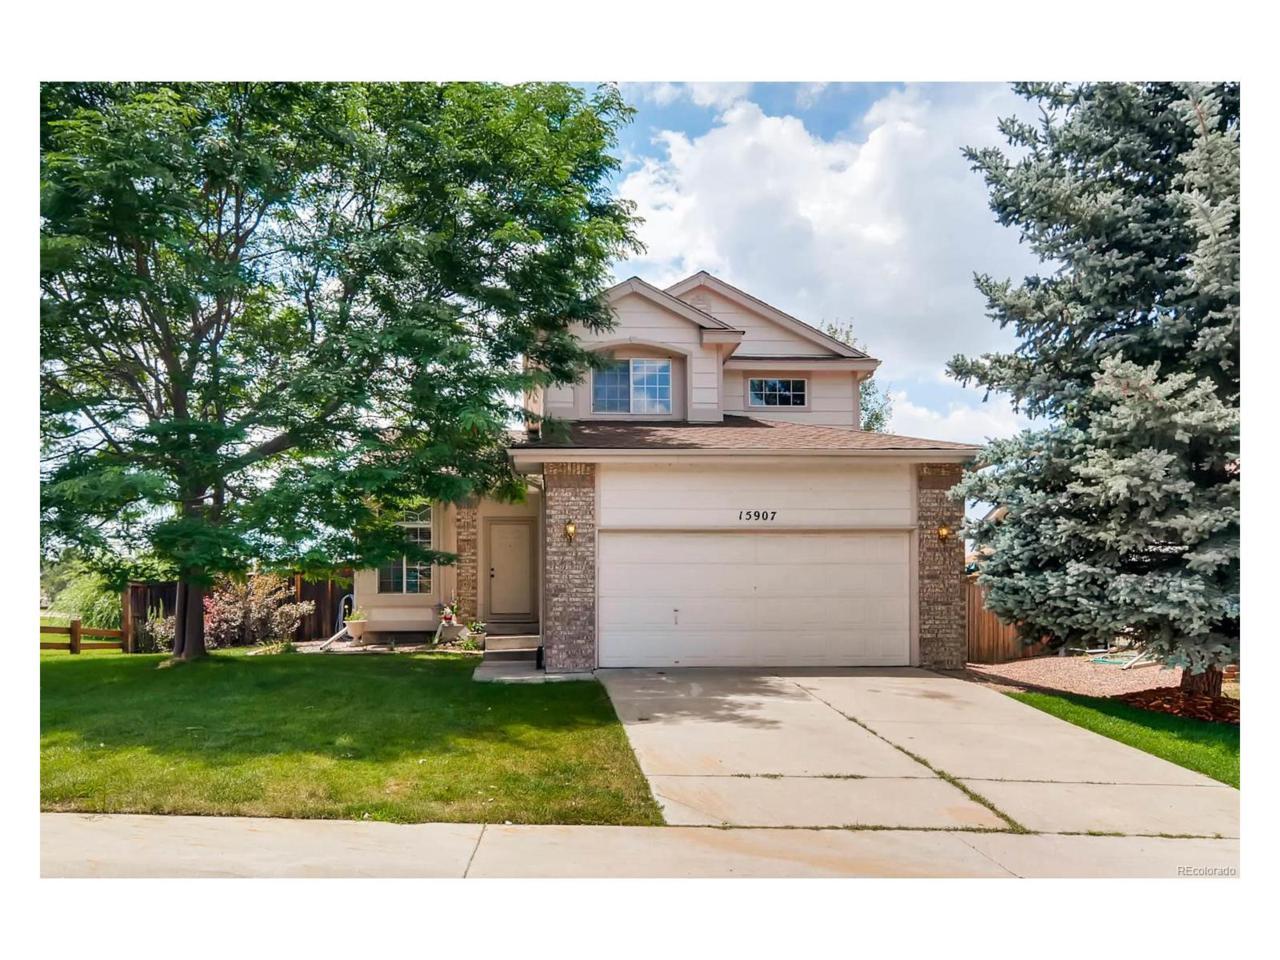 15907 Rock Crystal Drive, Parker, CO 80134 (MLS #2182551) :: 8z Real Estate